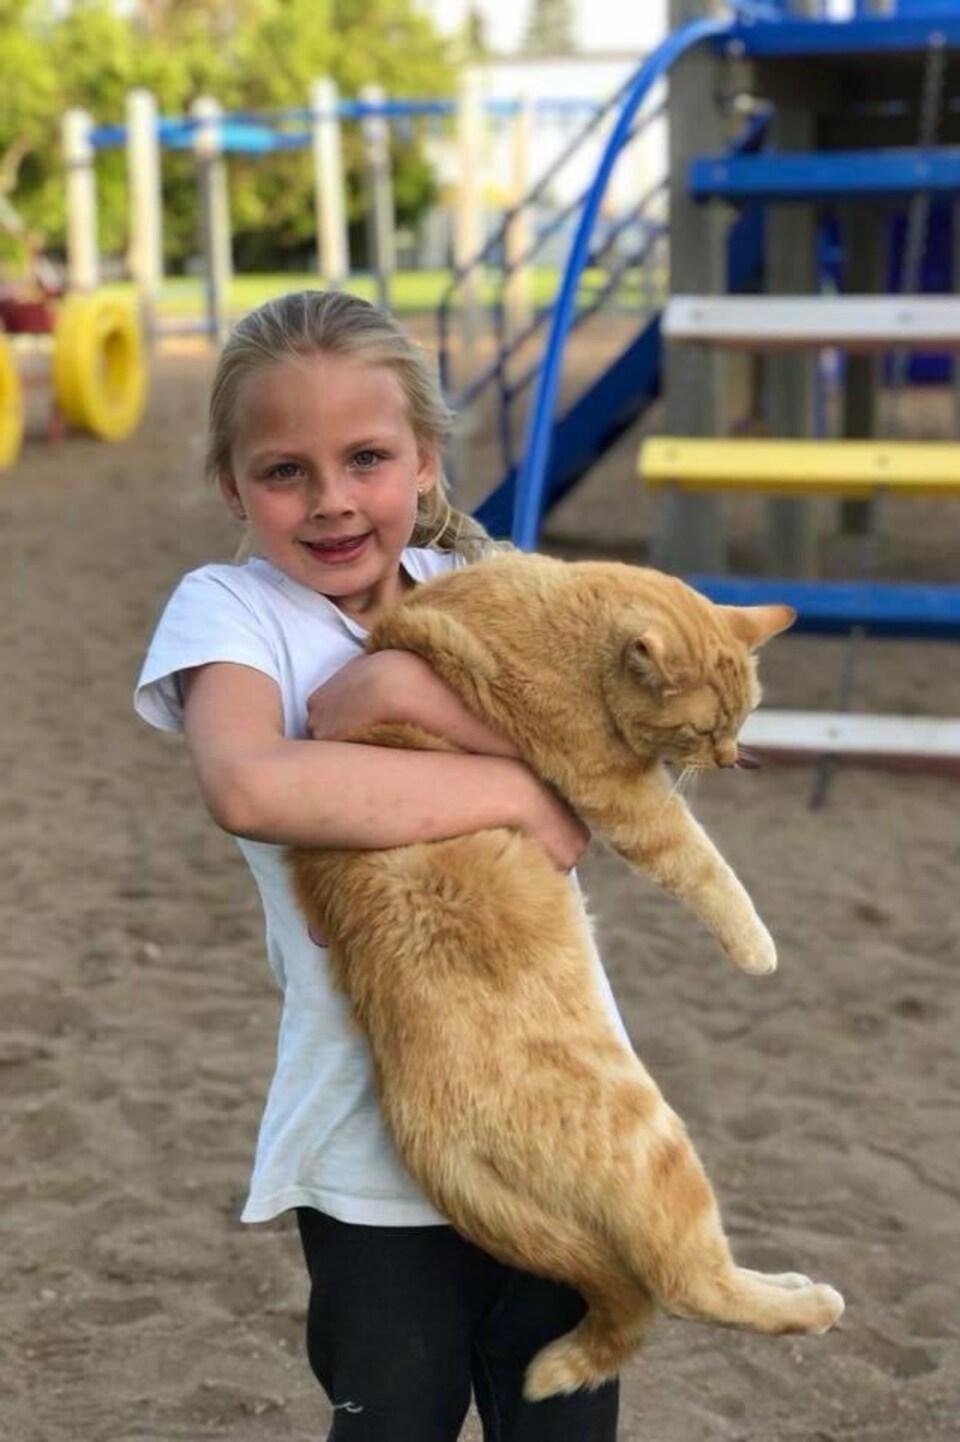 Un chat dans les bras d'un enfant dans un parc